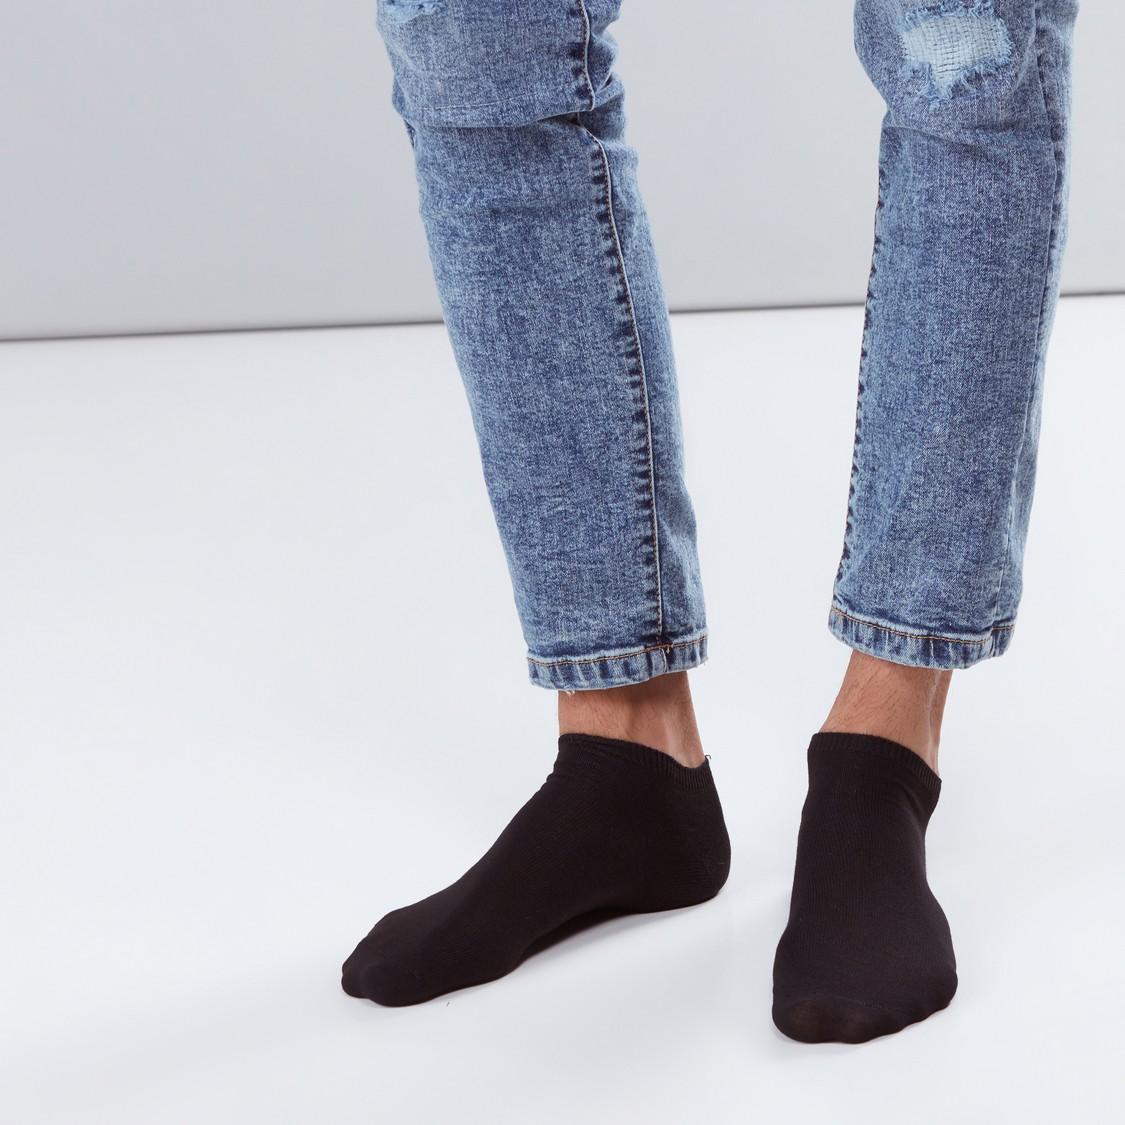 Set of 10 - Plain Ankle Length Socks